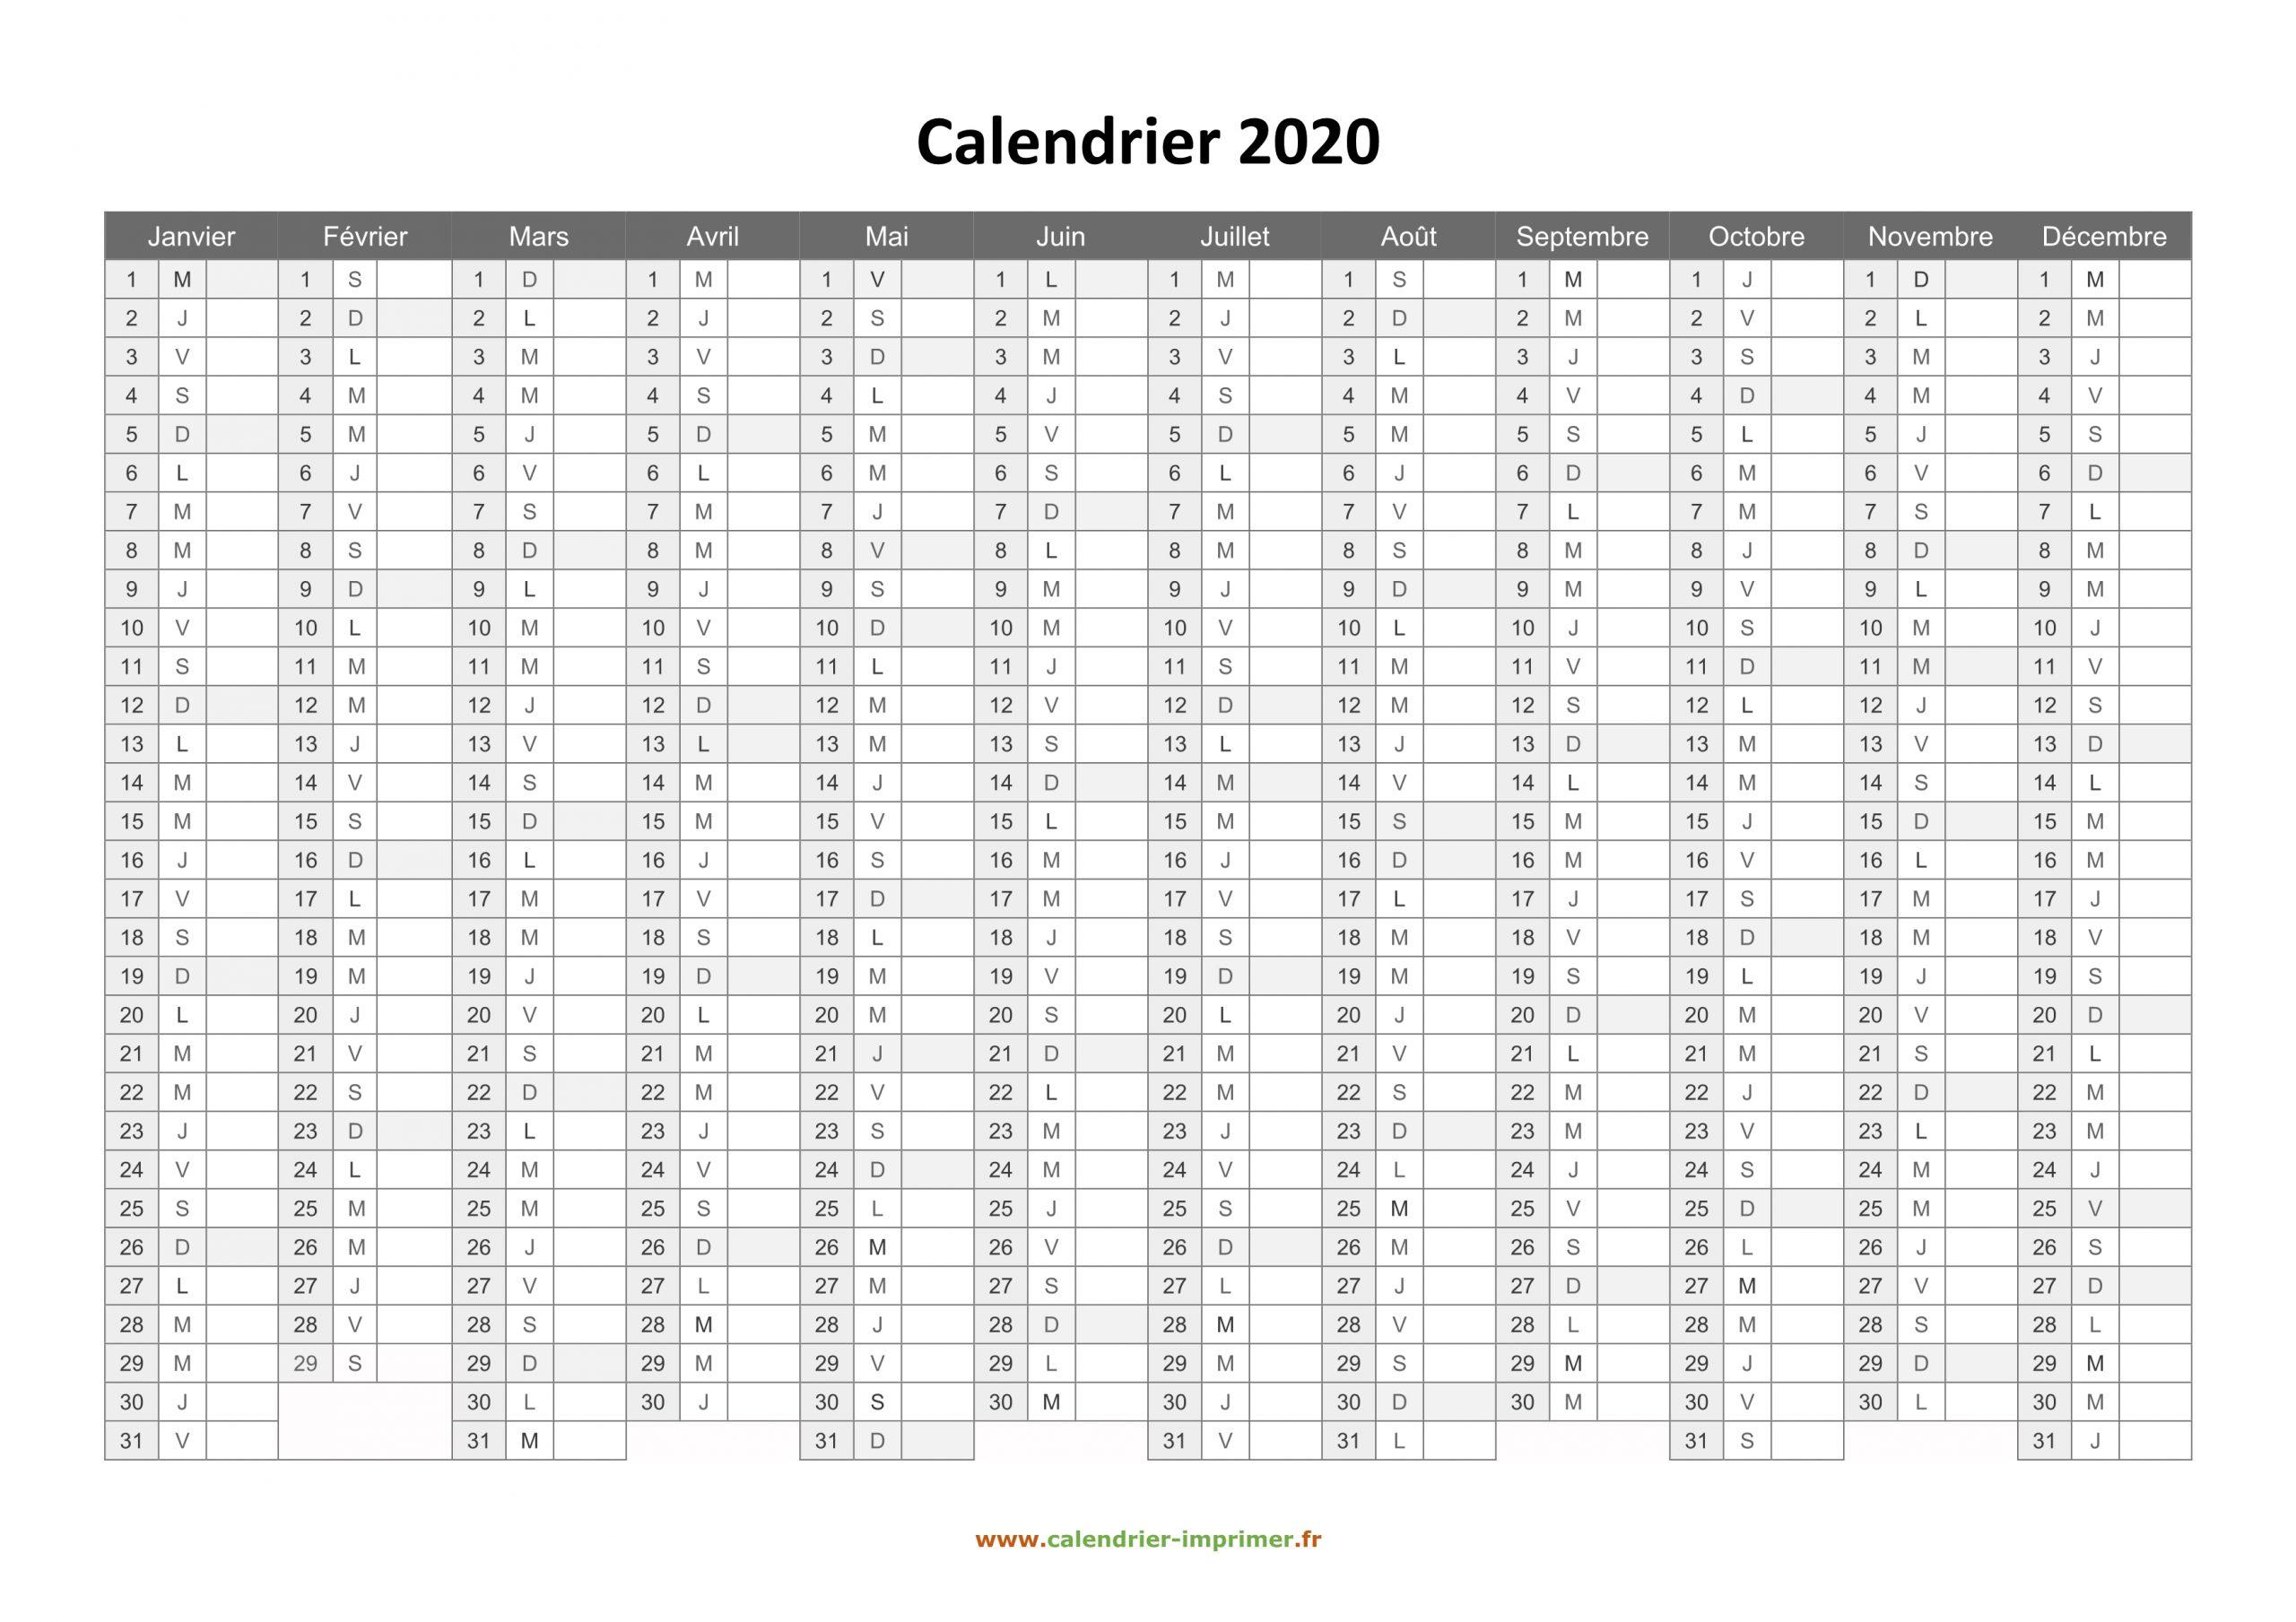 Calendrier 2020 À Imprimer Gratuit intérieur Imprimer Des Calendriers